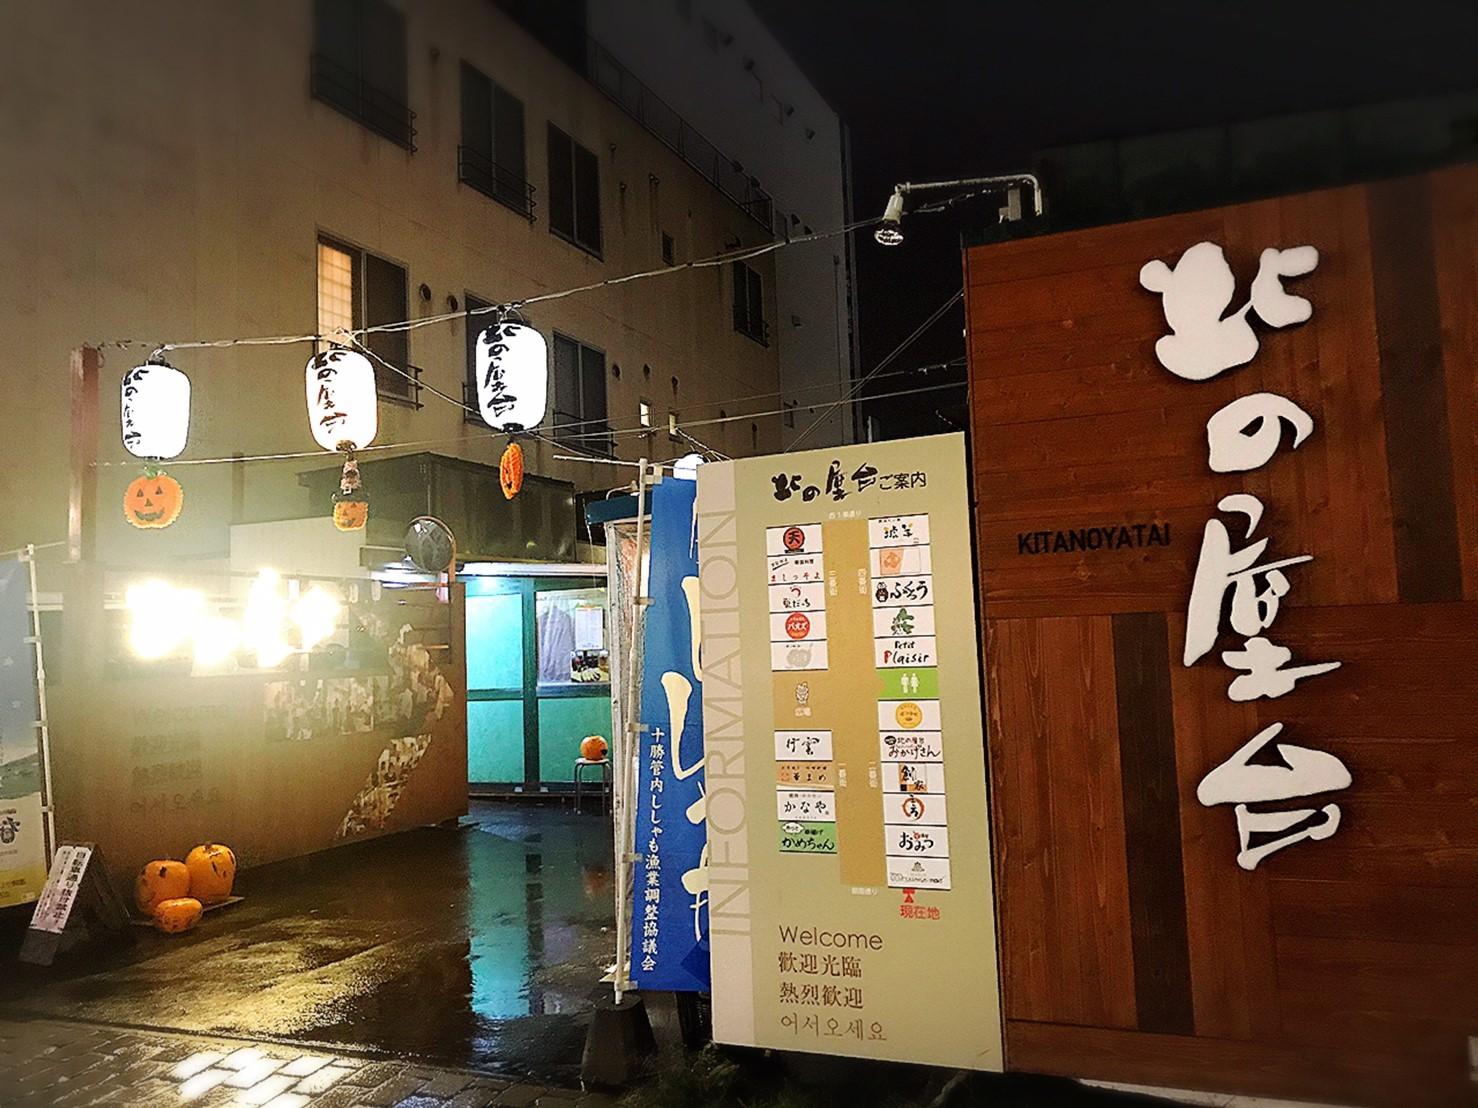 smoke dining bar 煙陣(北の屋台)/帯広市_c0378174_19555591.jpg